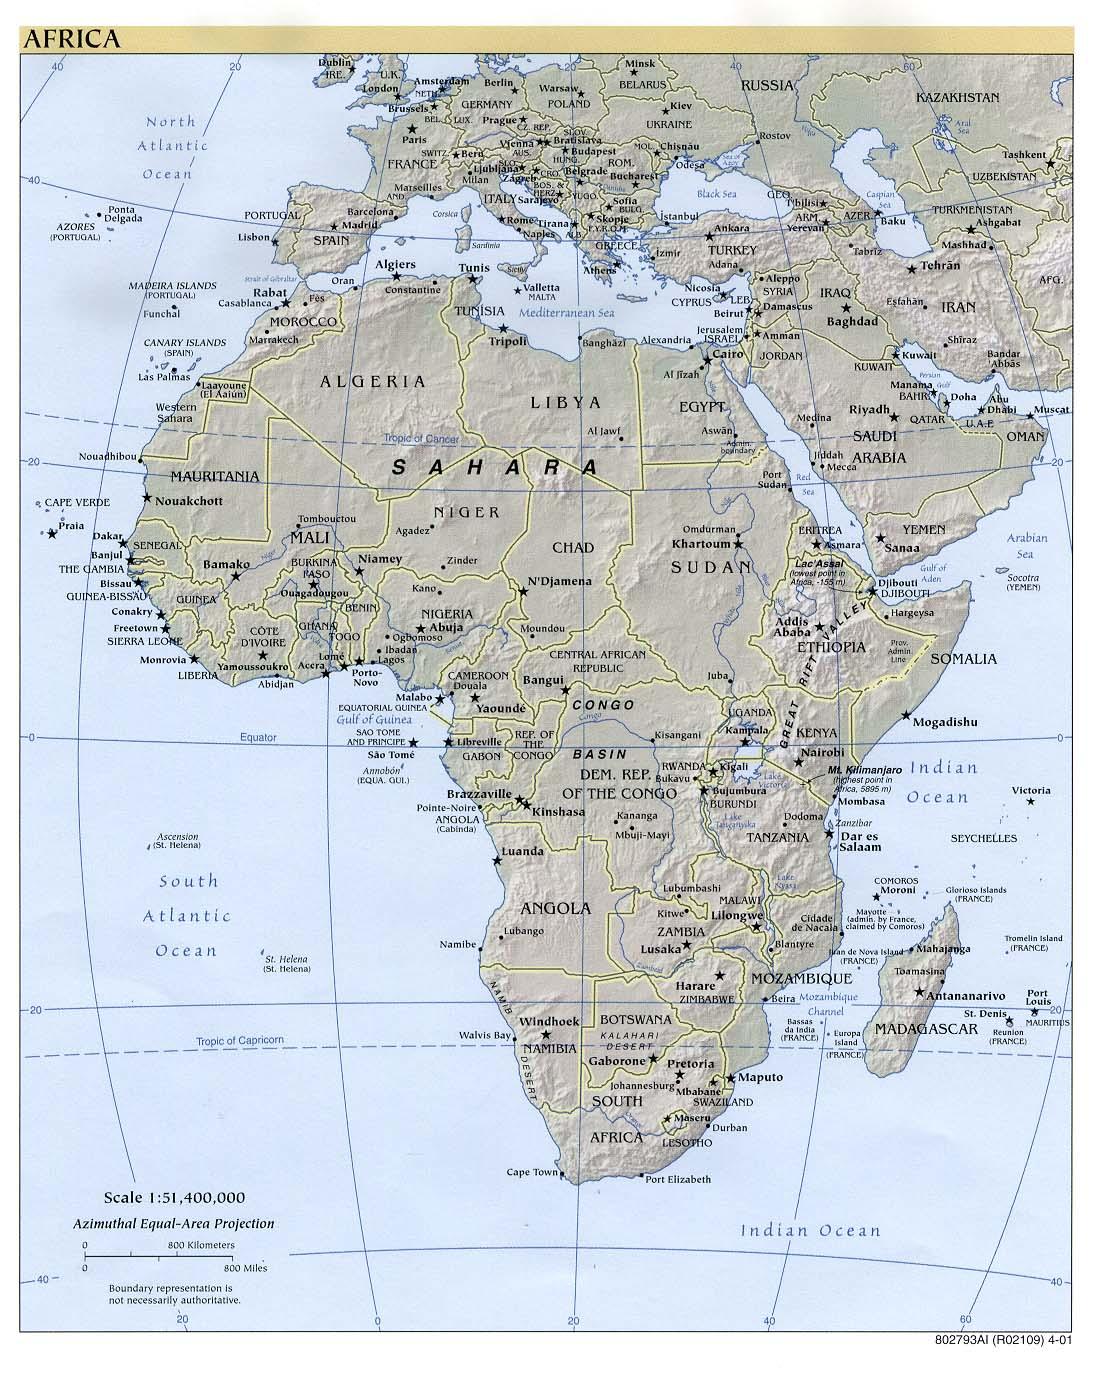 africa map pdf free download